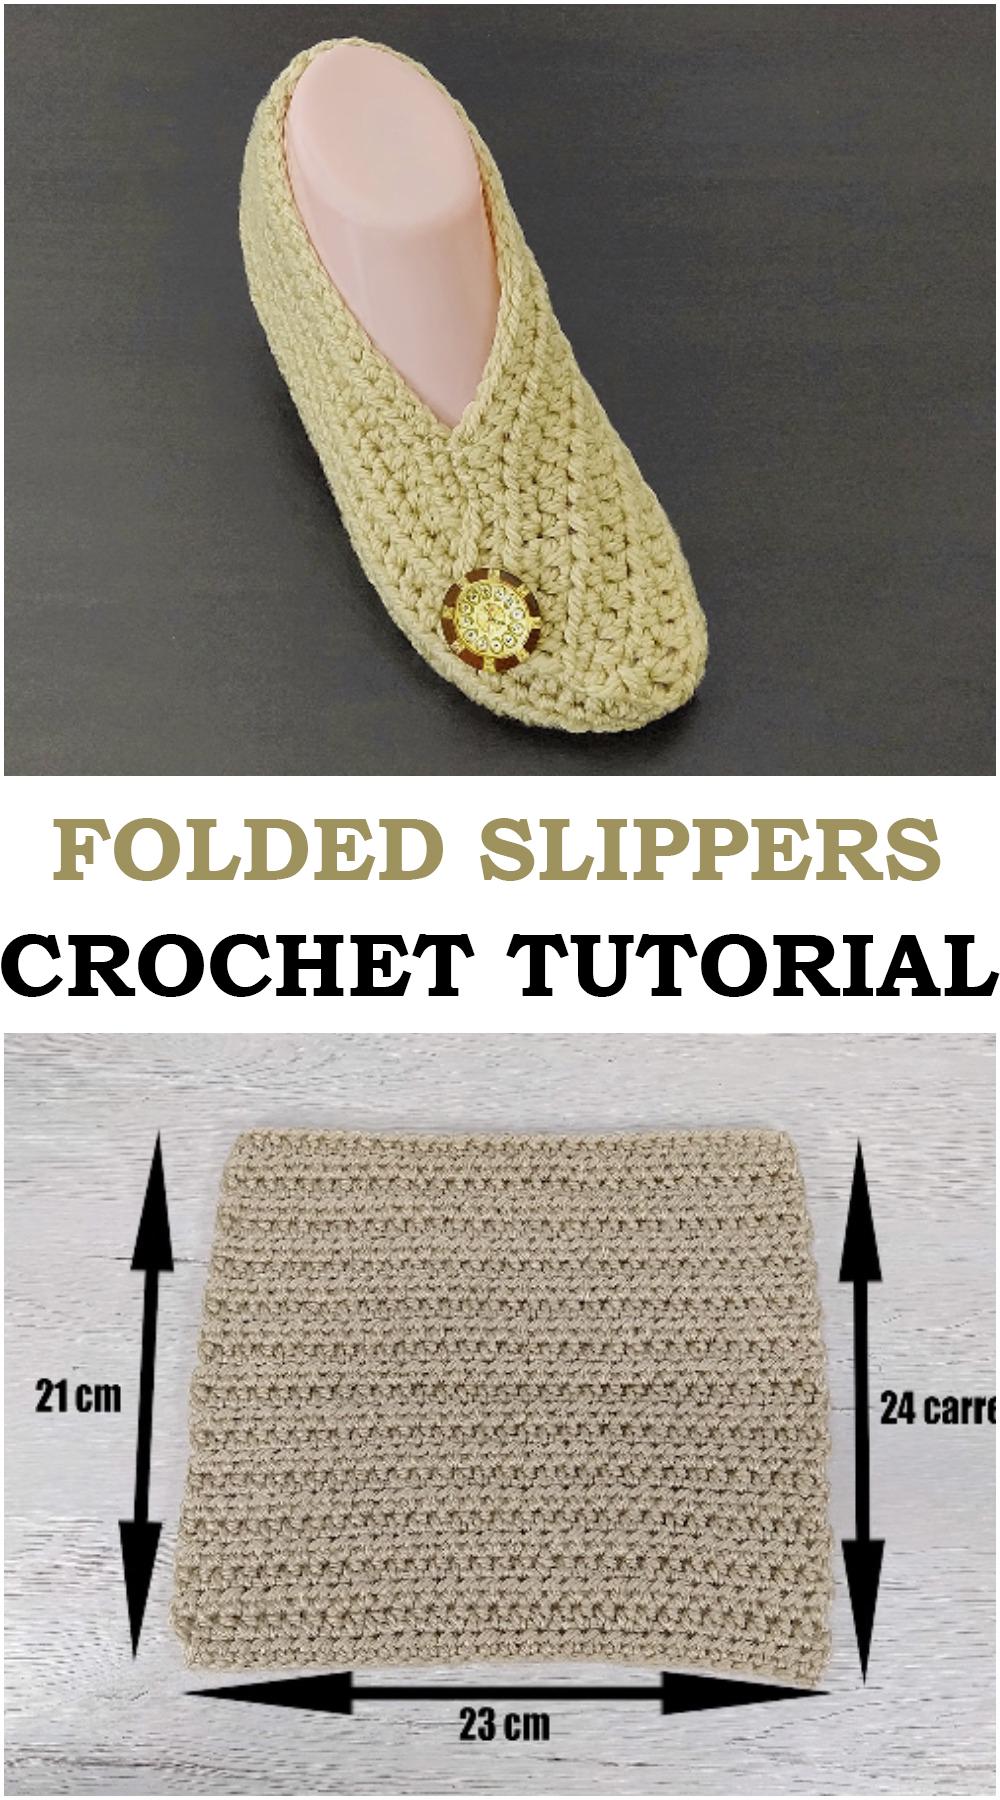 Folded Slippers - Crochet Tutorial